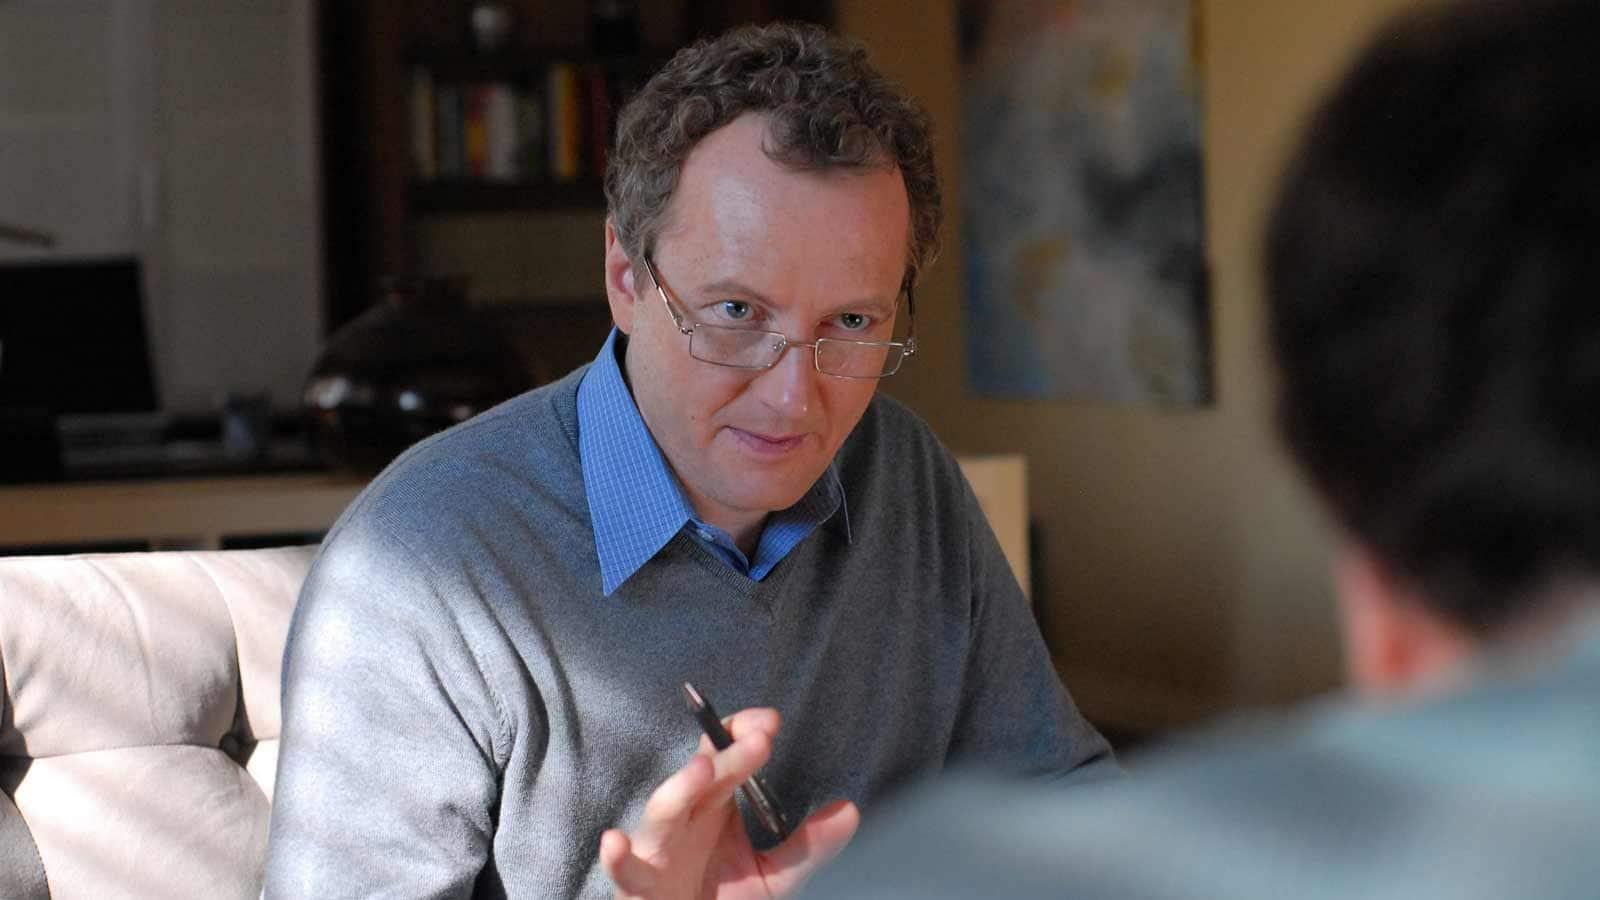 Dr. David Storper